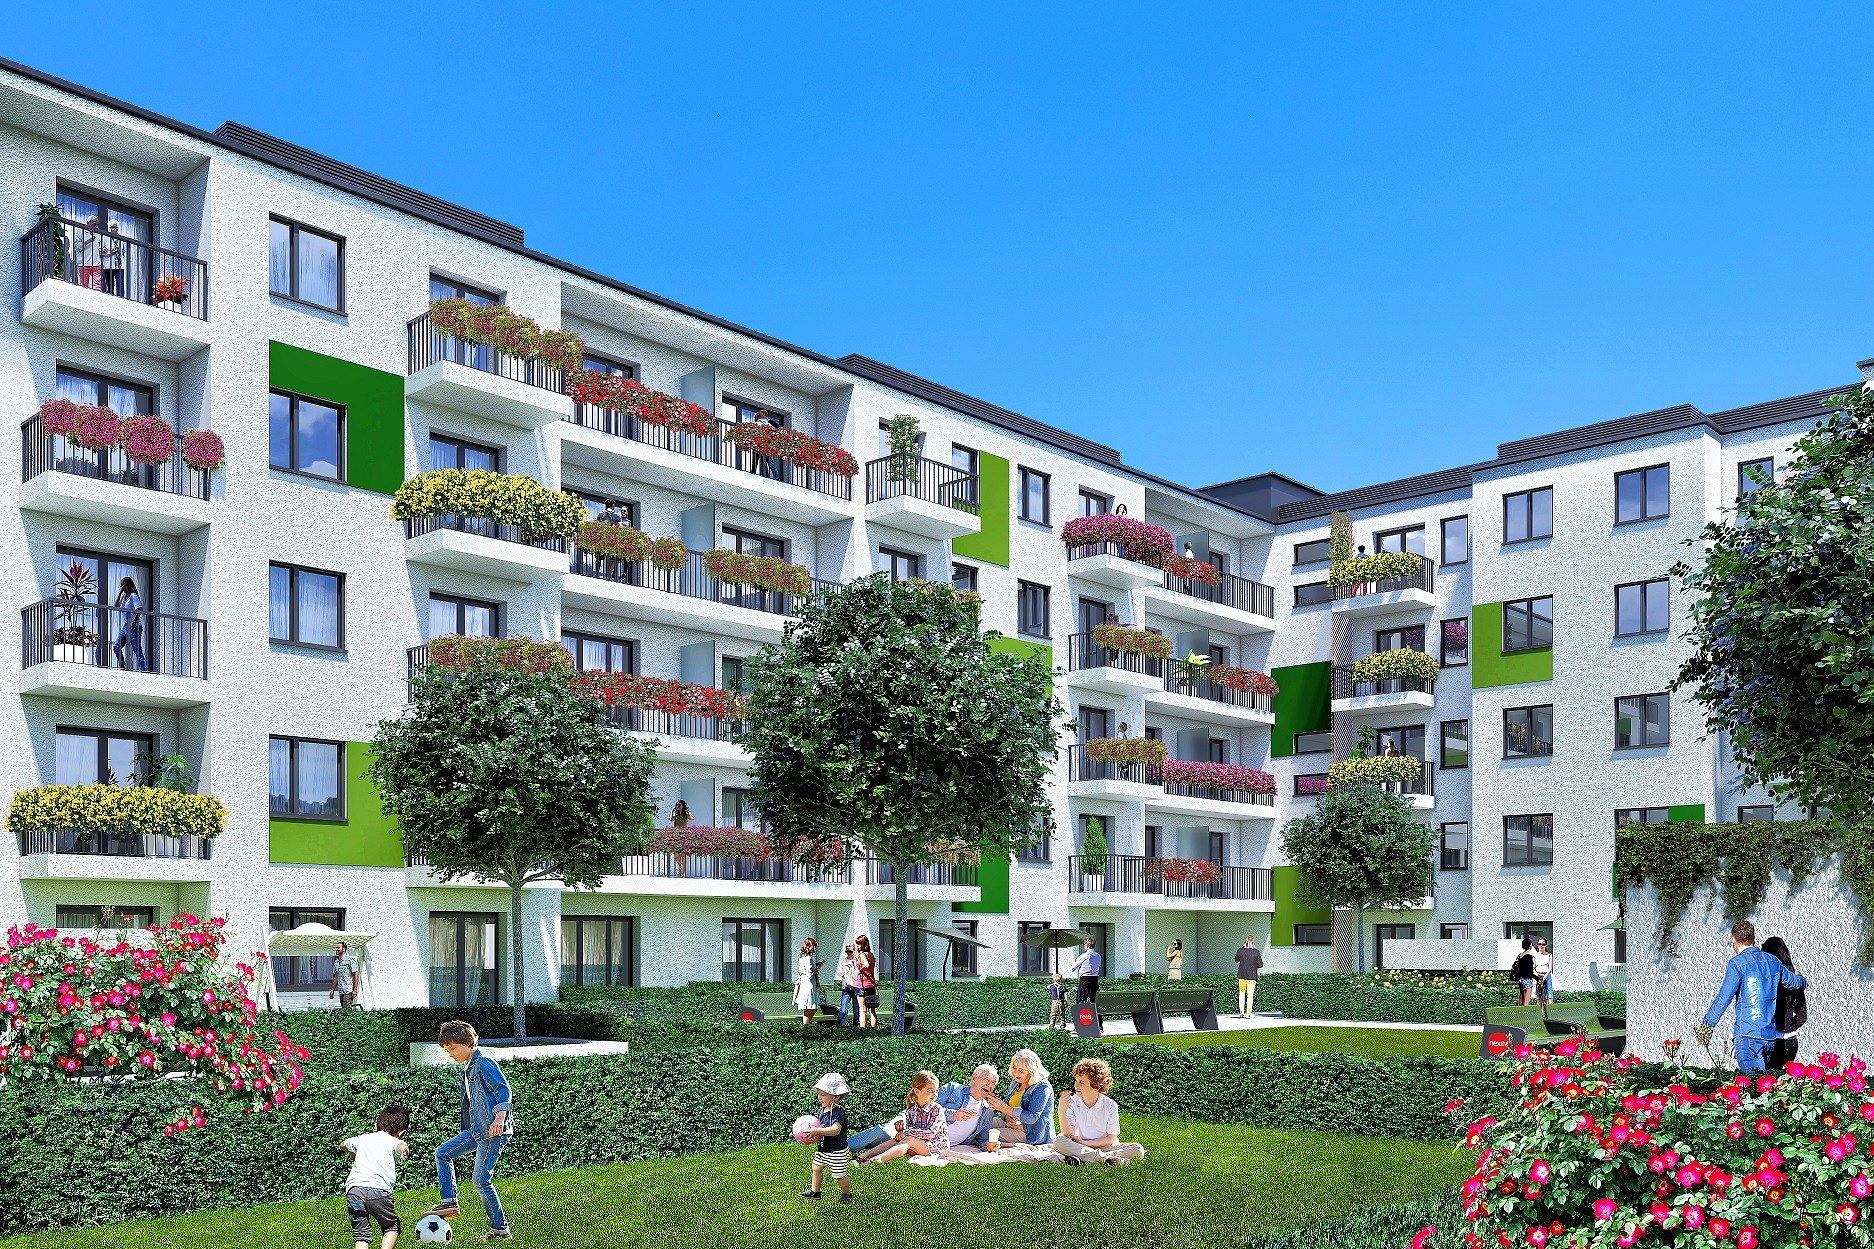 Ceny mieszkań w Warszawie idą w górę. Czy można jeszcze kupić własne lokum w atrakcyjnej cenie?